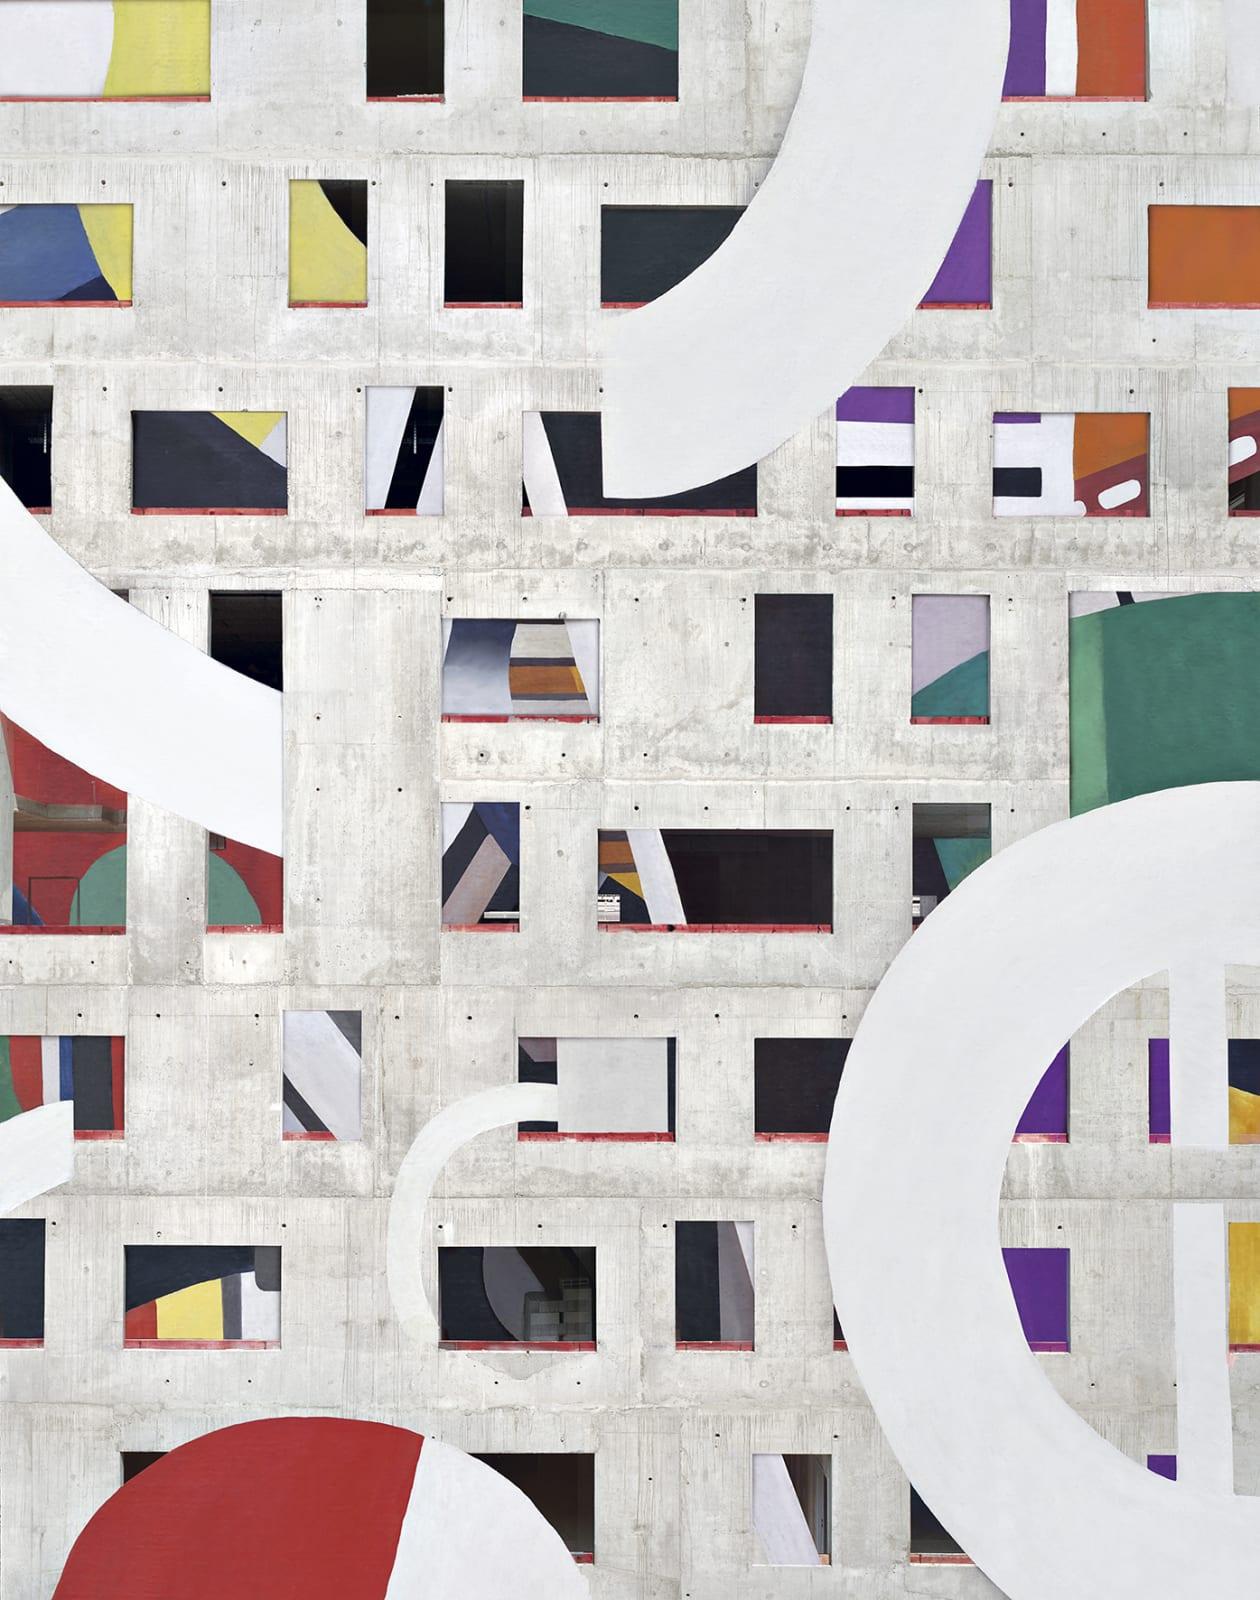 Stéphane Couturier, Série 'Les nouveaux Constructeurs' Paris Seine Rive Gauche n°1 , 2020